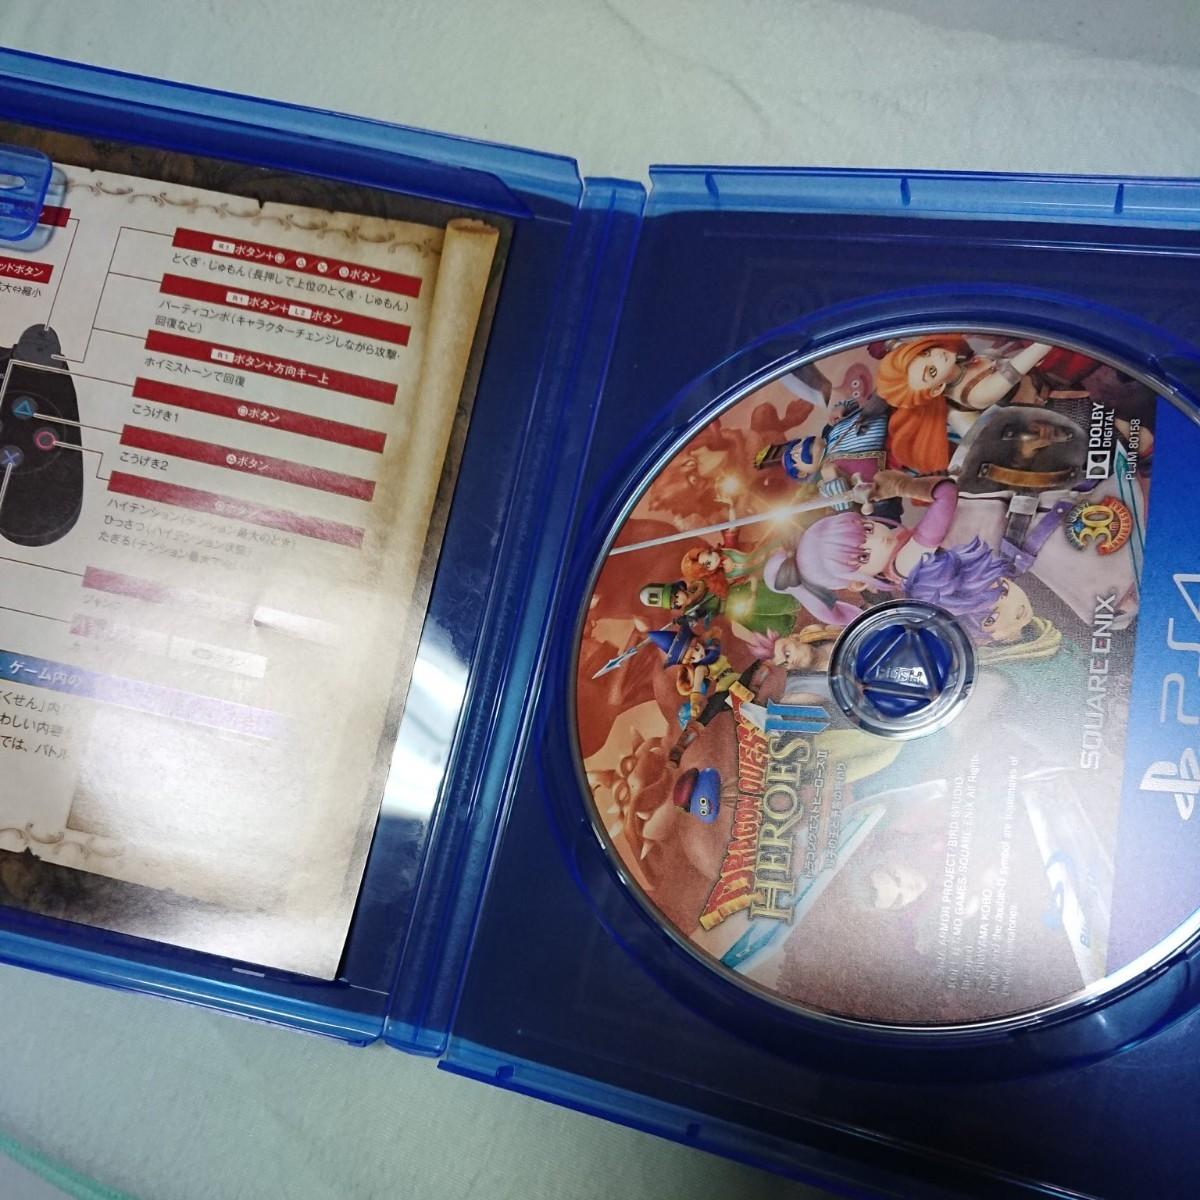 PS4 ドラゴンクエストヒーローズ2 双子の王と予言の終わり